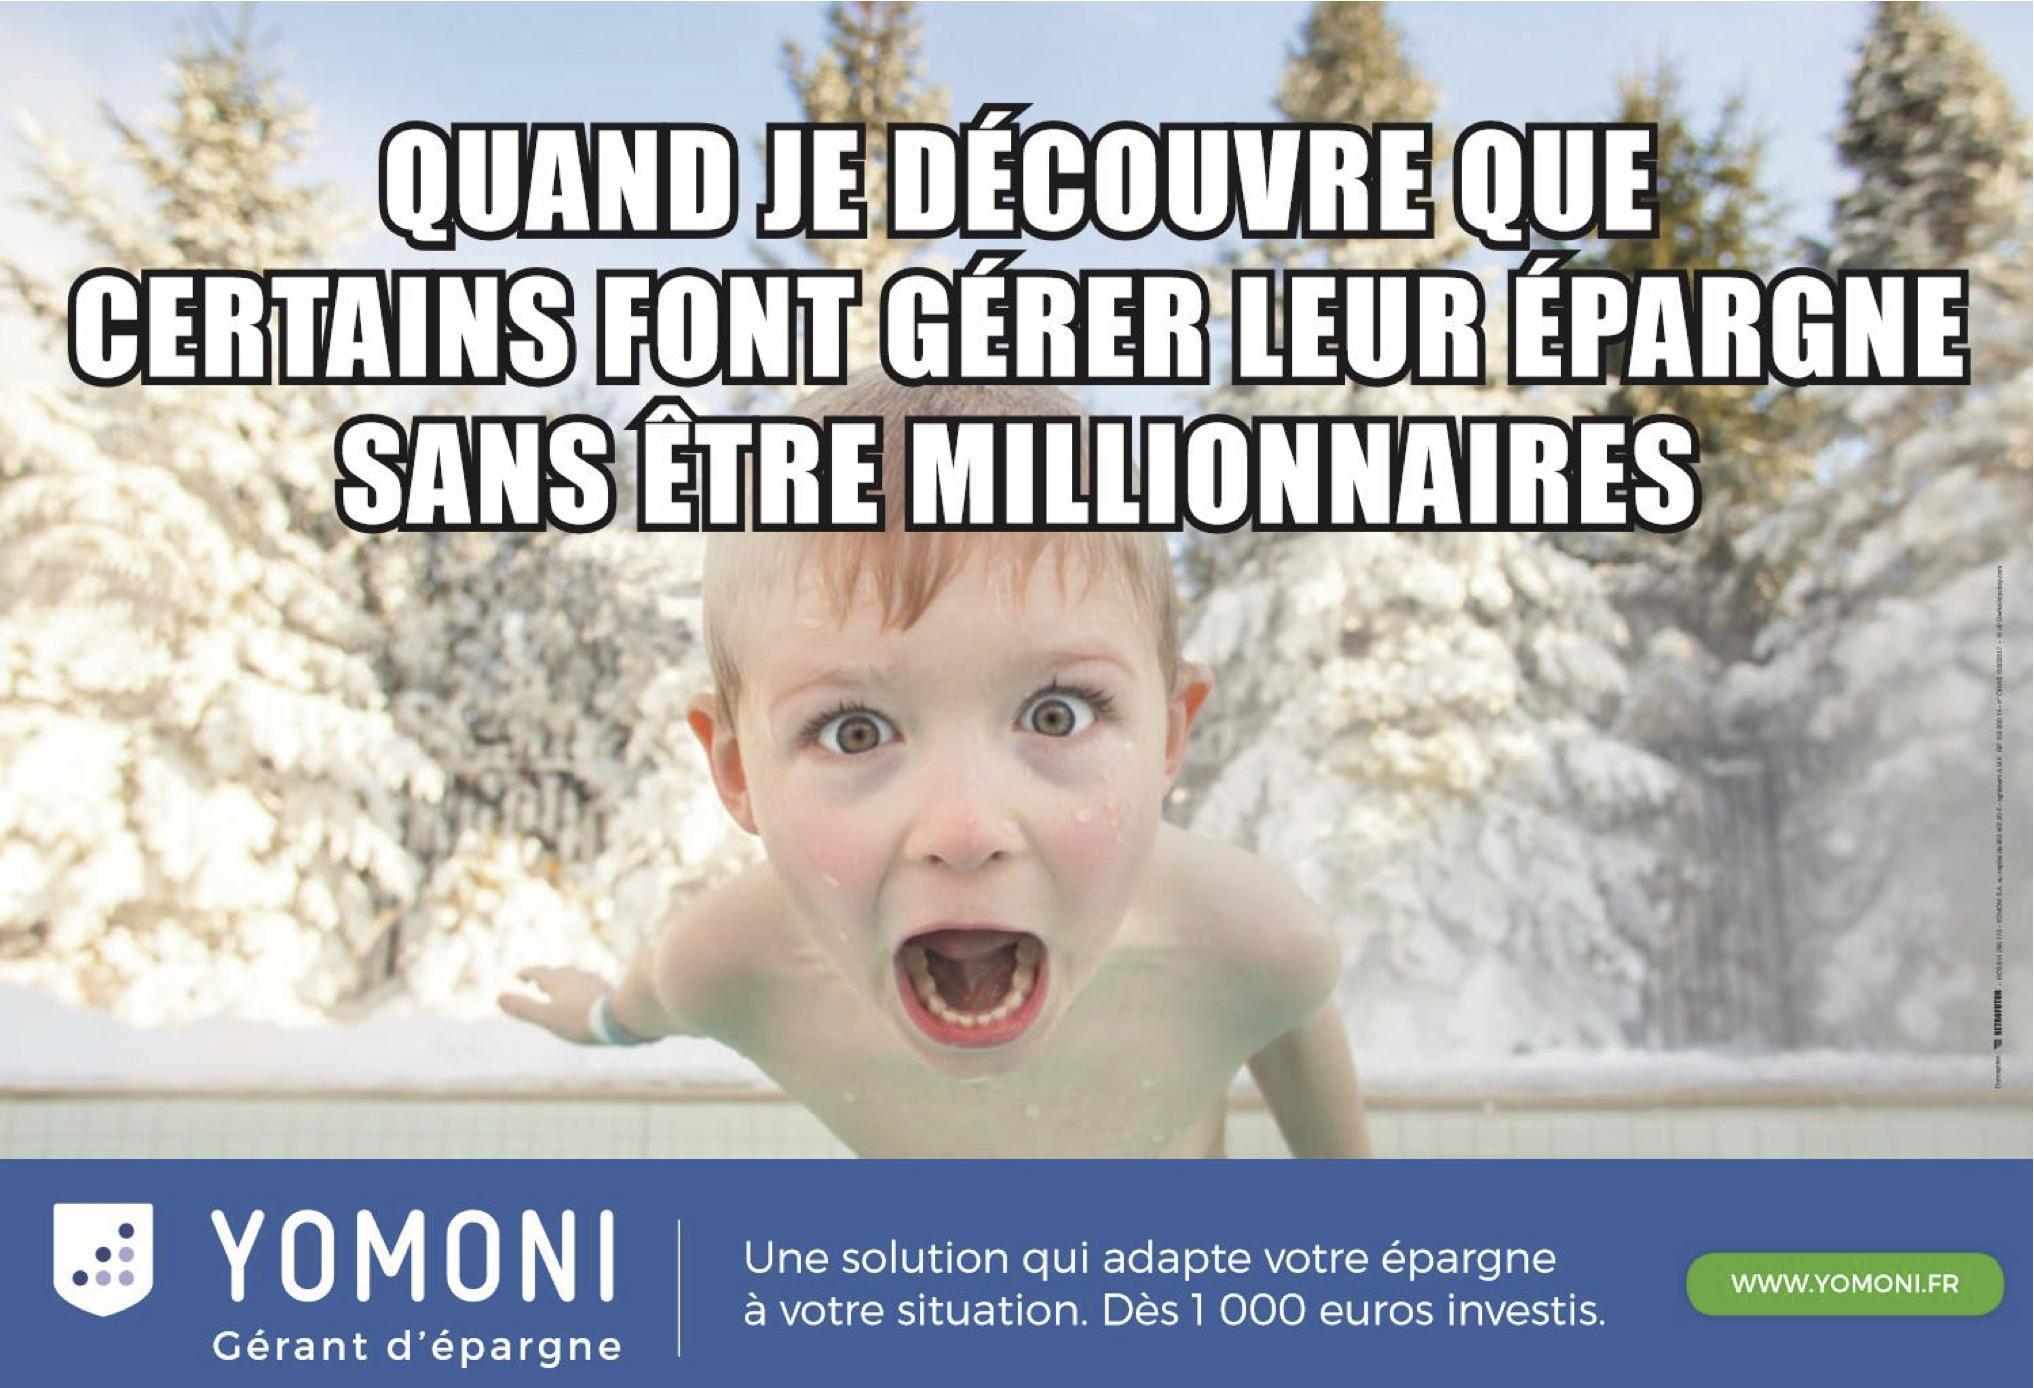 """Yomoni : """"Quand je découvre que certains font gérer leur épargne sans être millionnaires"""""""